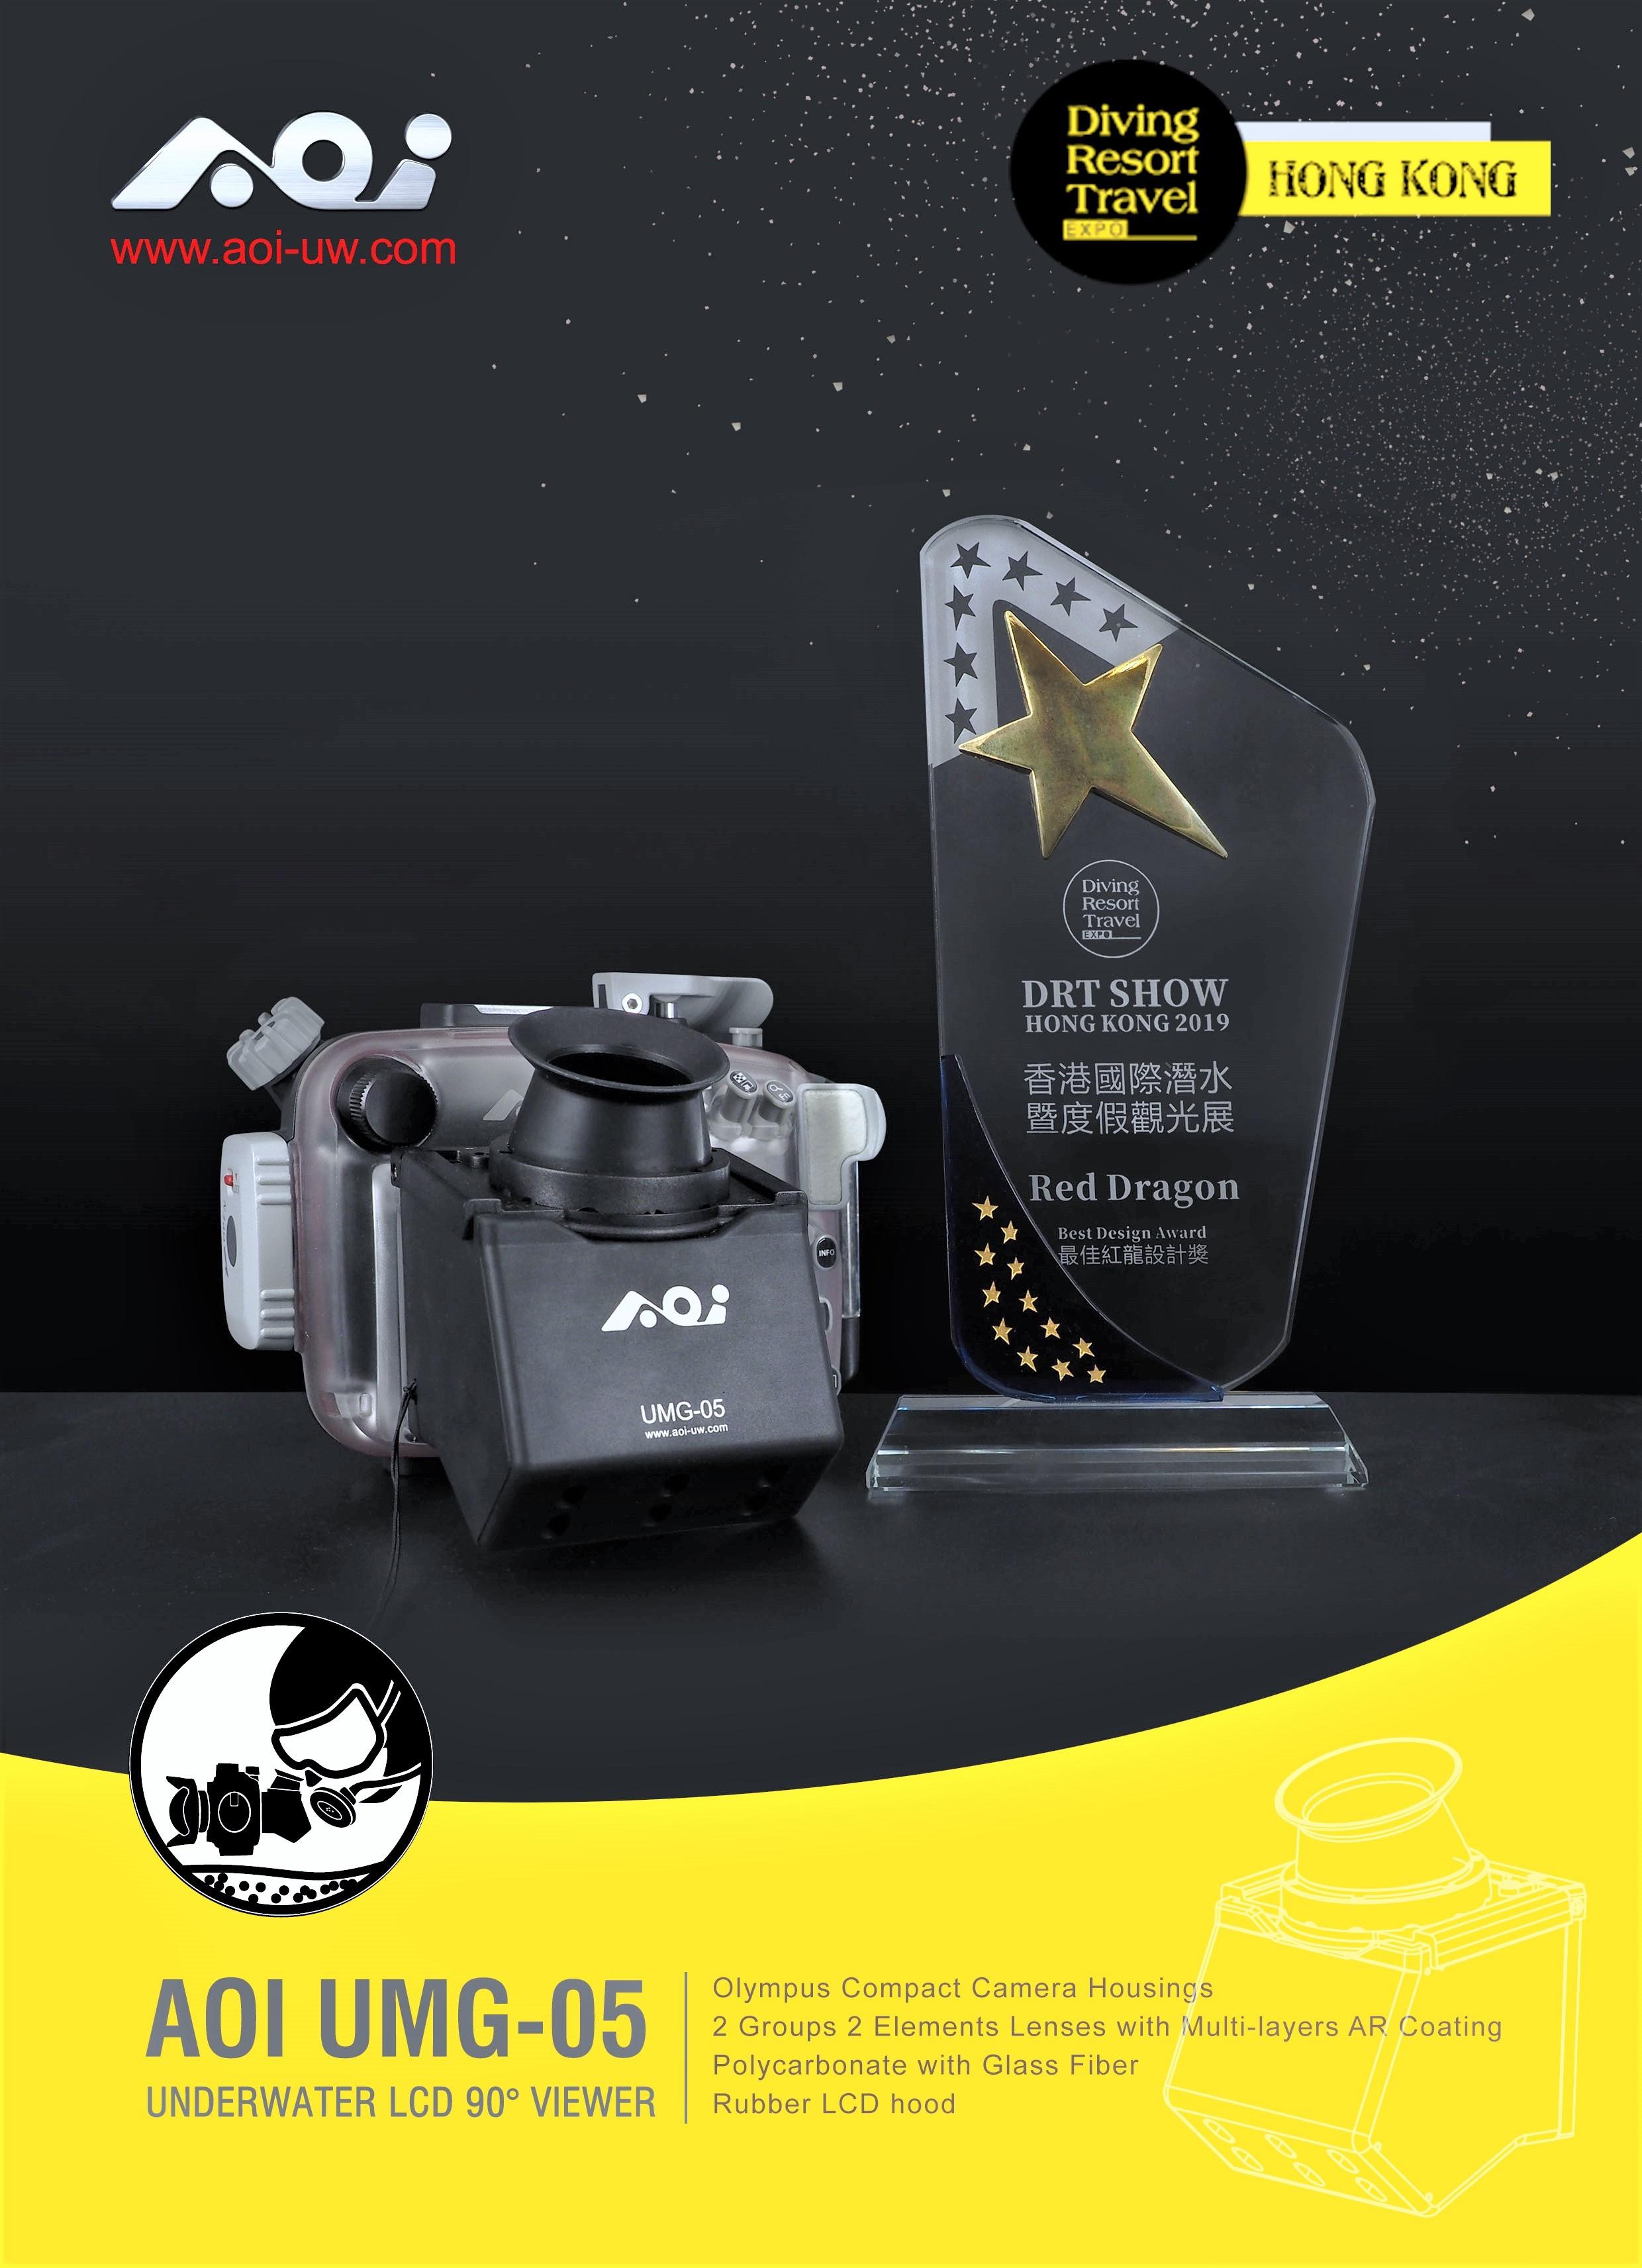 AOI UMG-05